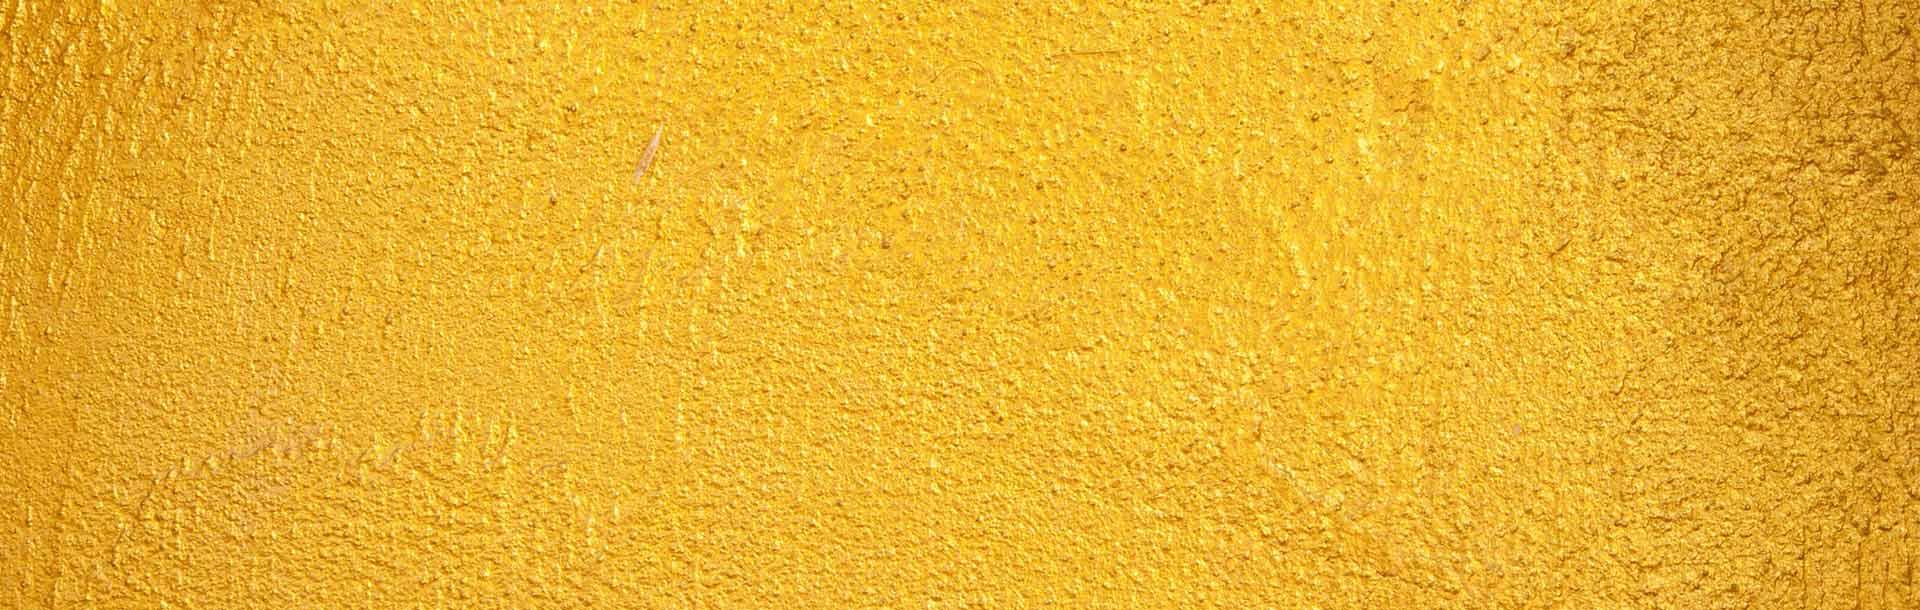 yellow colour - ویژگی های رنگ در طراحی داخلی و اثرات روانی و فیزیولوژیکی آنها